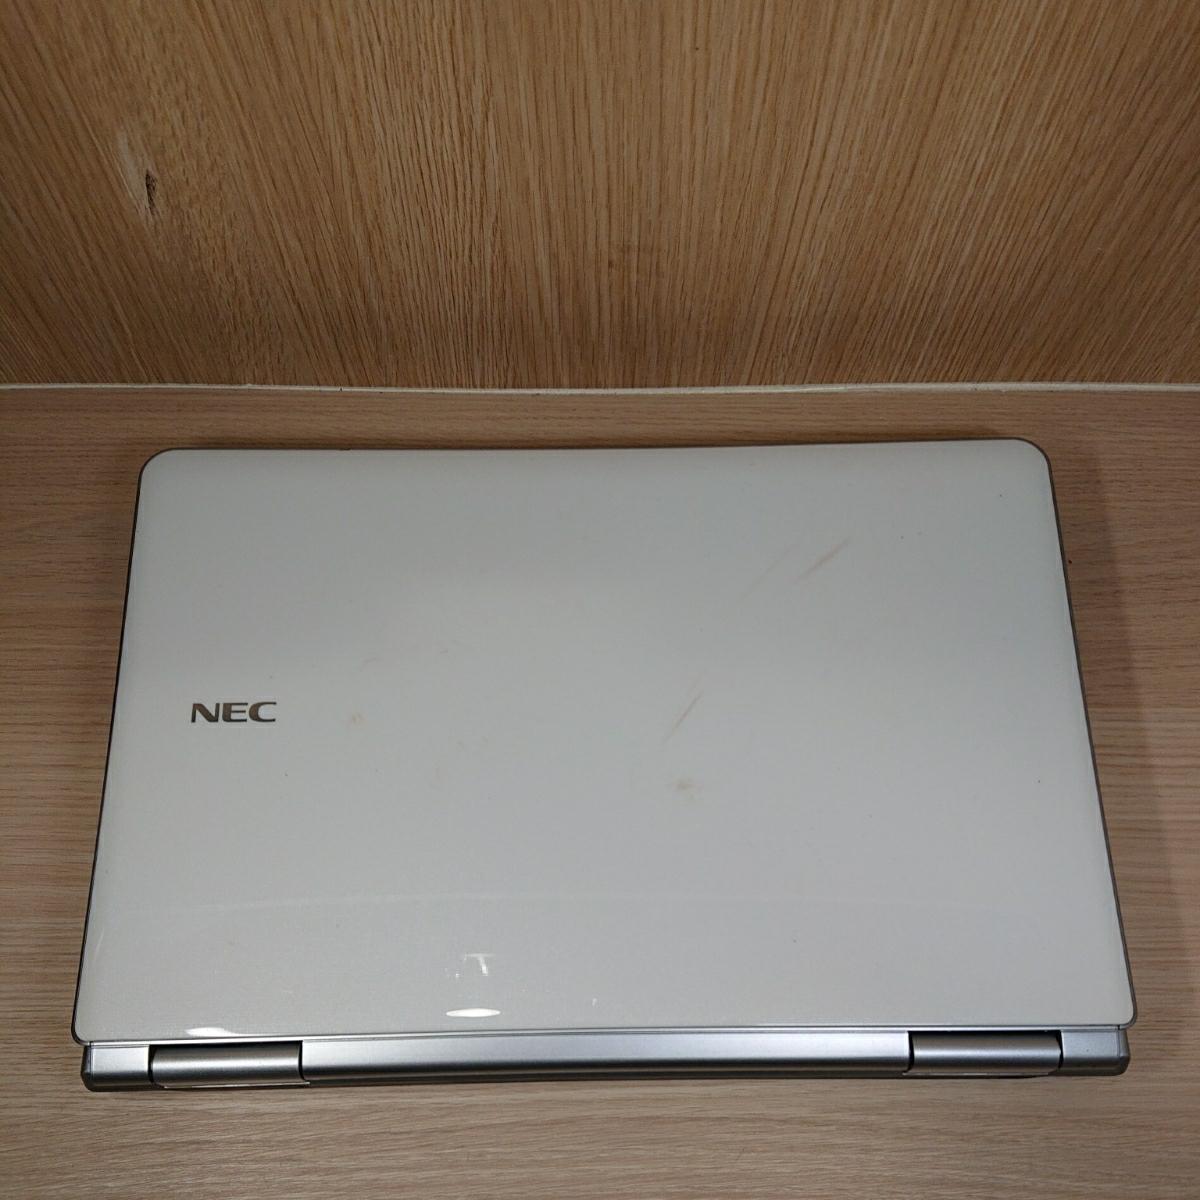 【B26】即決特典 爆速SSD240GB NEC LaVie LL750 ホワイト YAMAHAsound ノートパソコン core i7-2670QM メモリ8GB Windows10 Office2019 _画像8